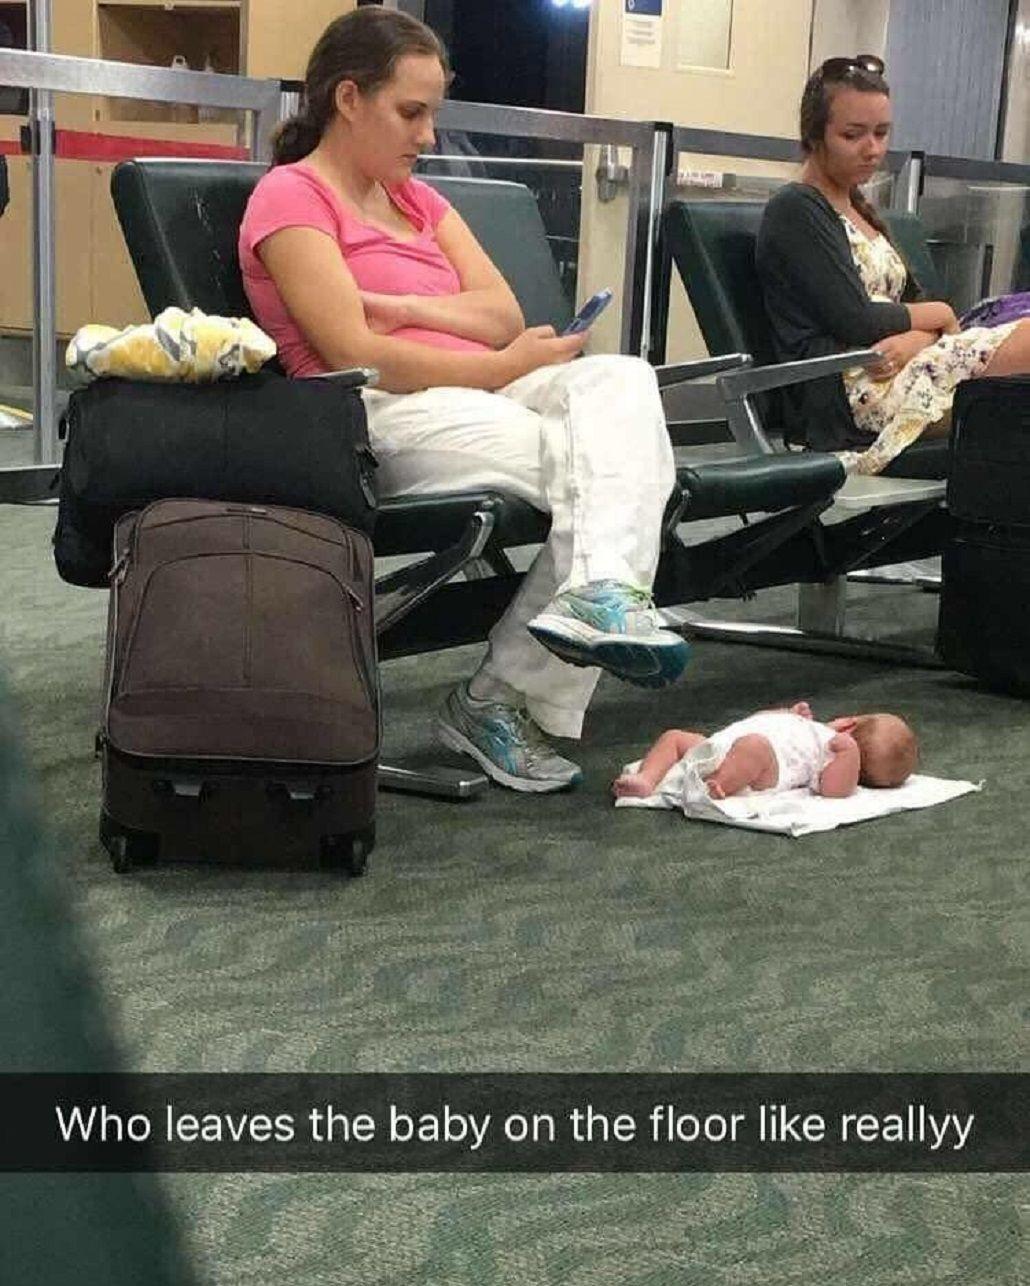 ¿Madre distraída? La explicación de una foto que indignó a todos